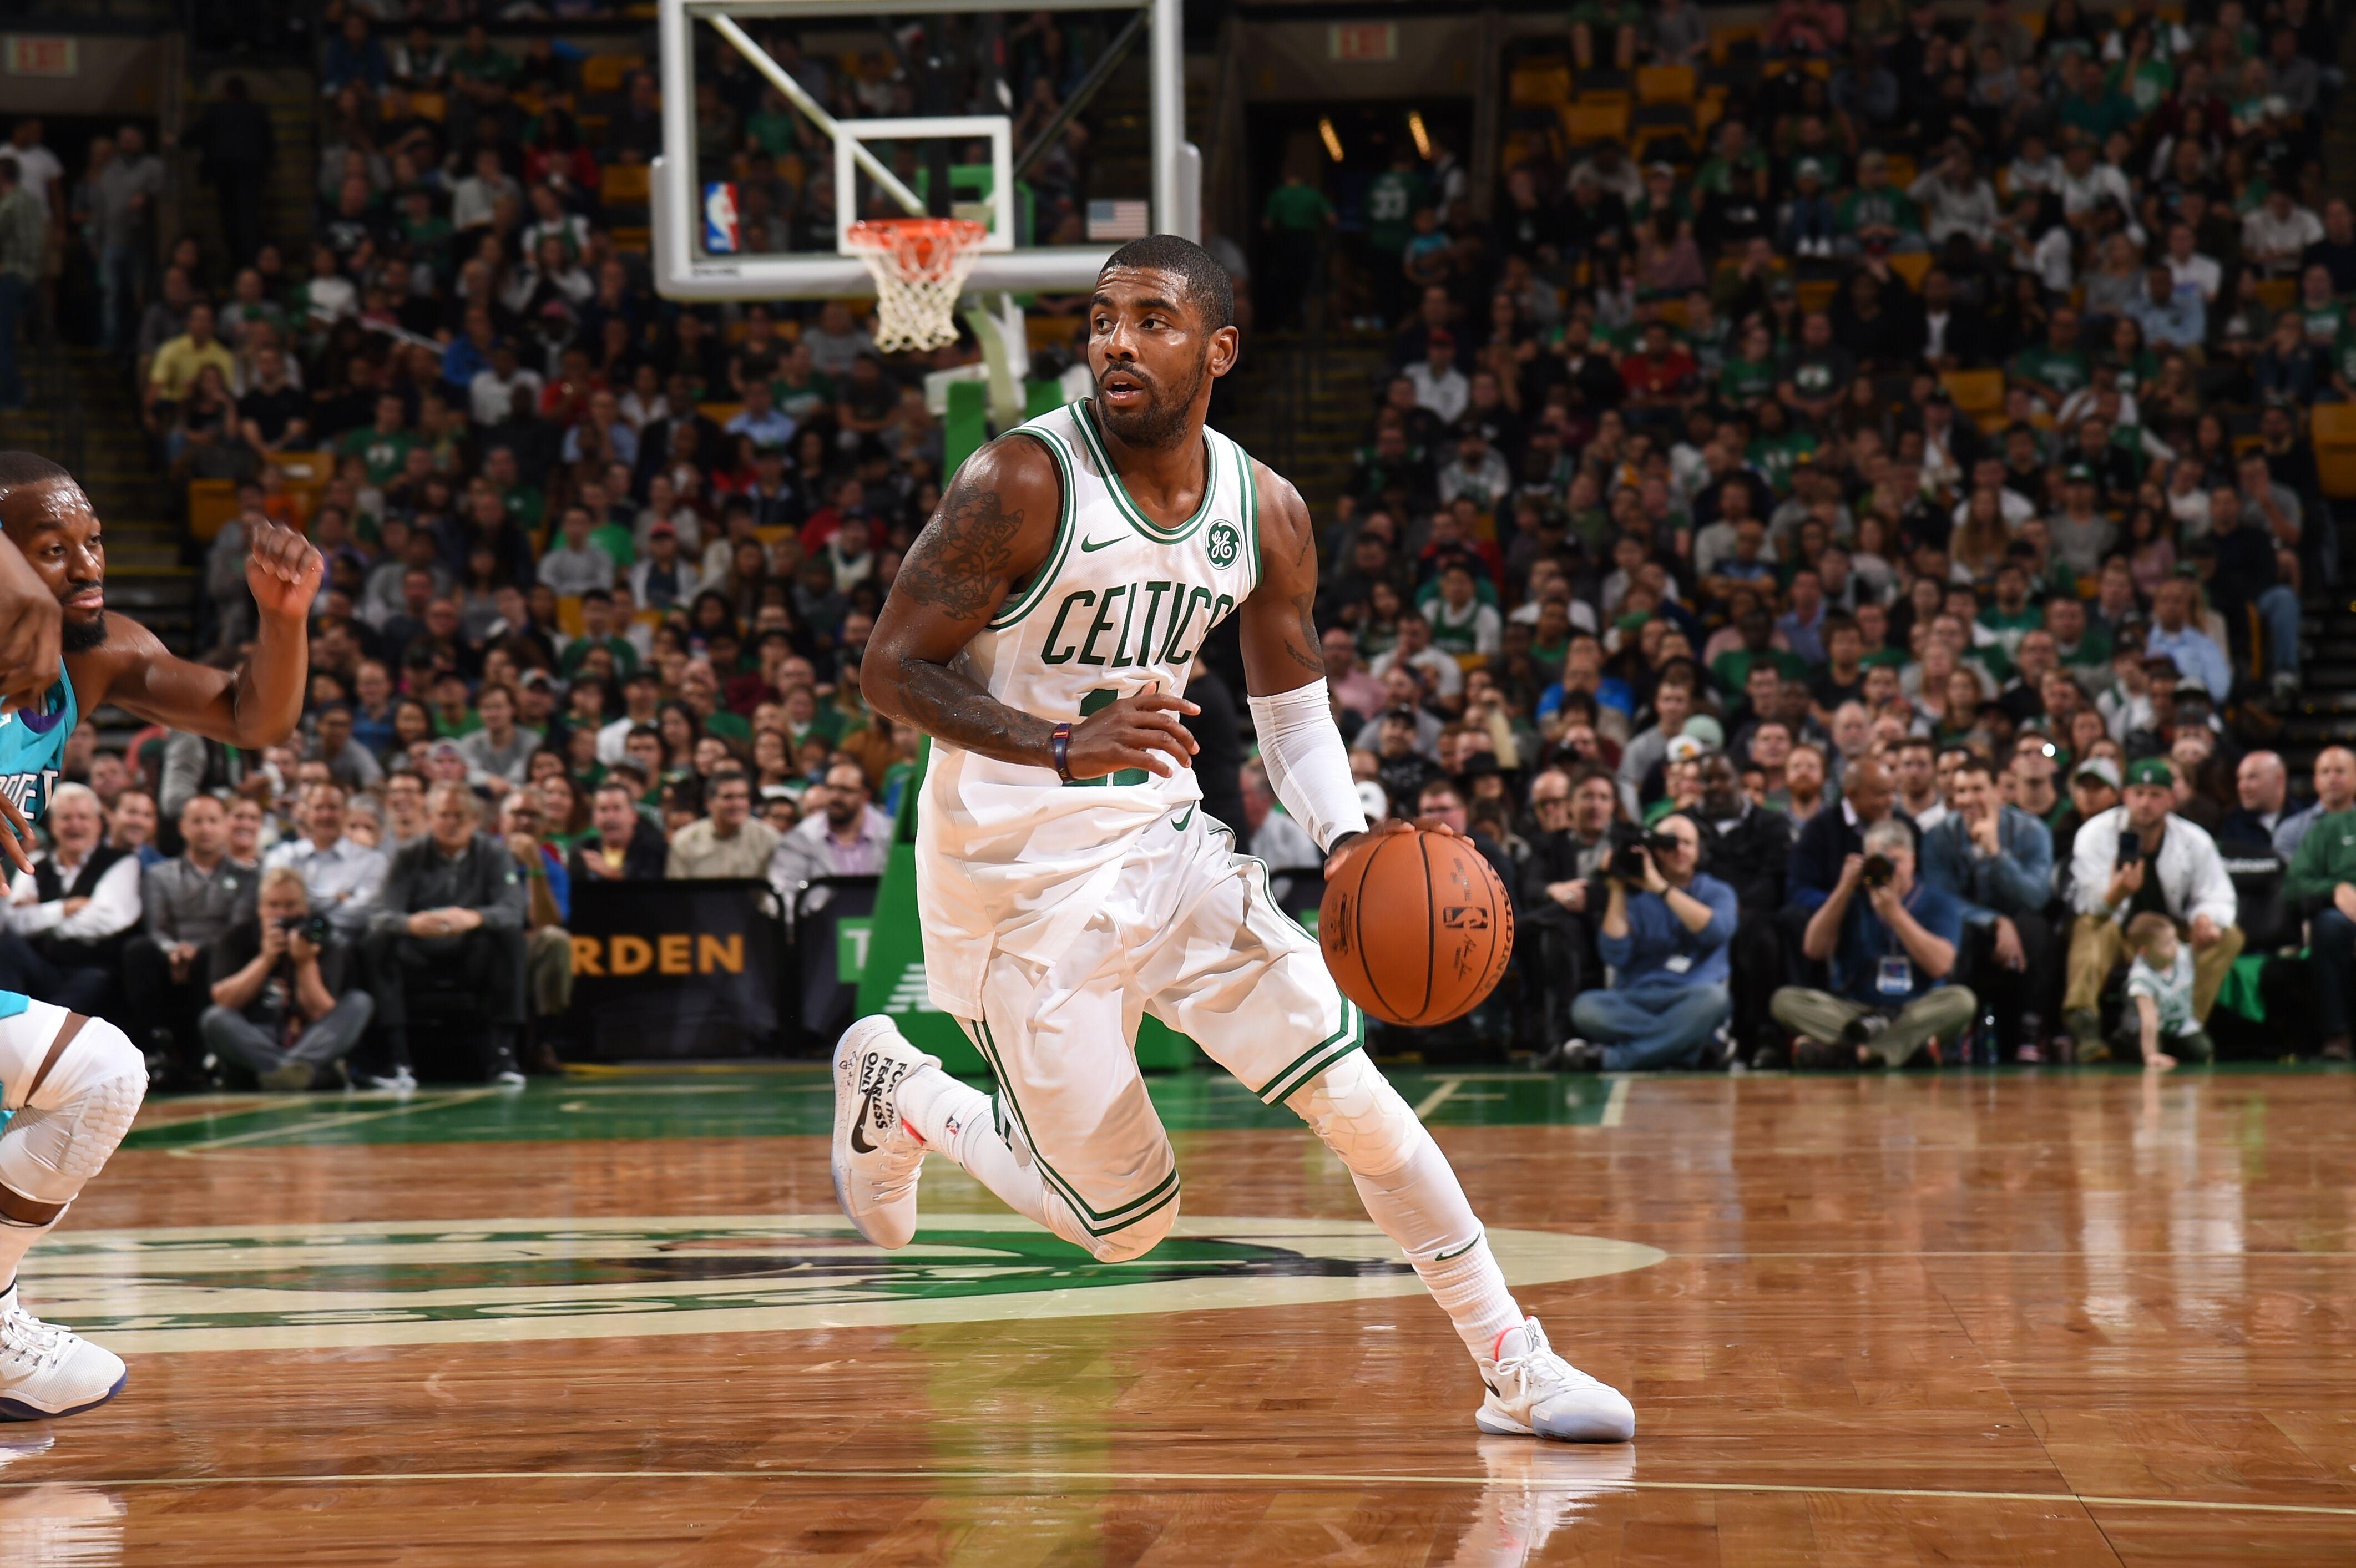 Boston Celtics Kyrie Irving 2019 Wall Calendar - Buy at ...